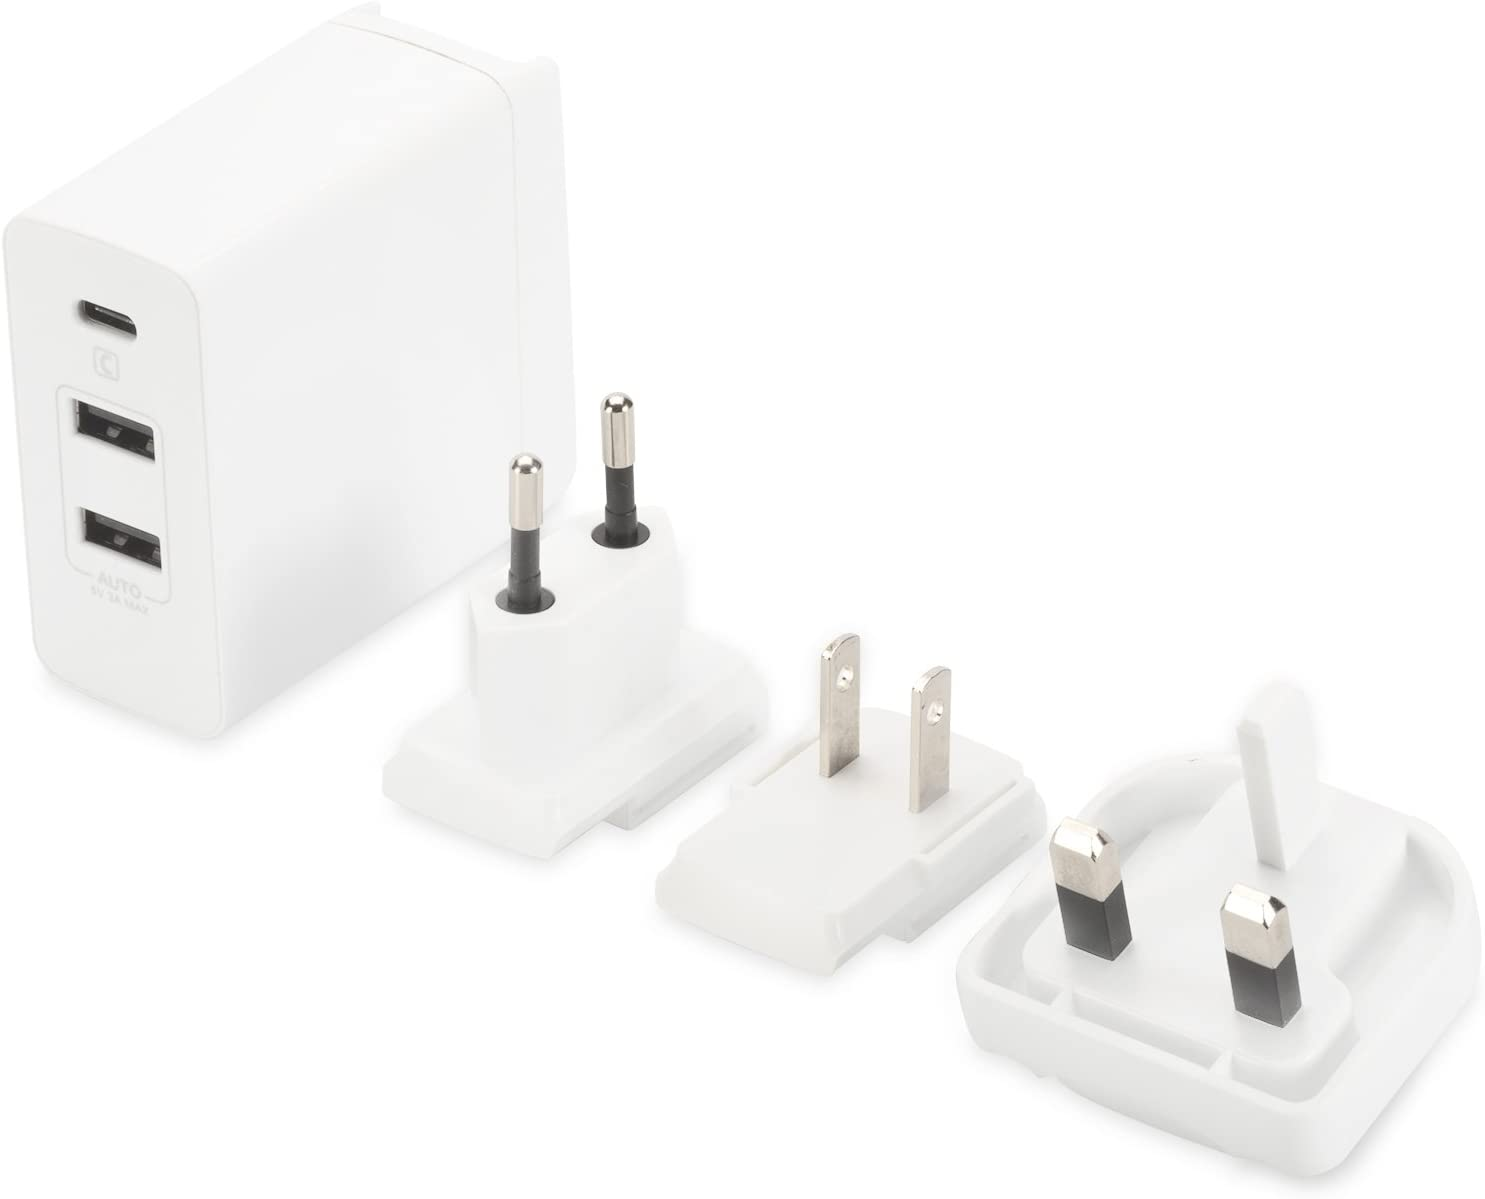 20V//3A 3-Port Wei/ß 1x Typ-C, 2x USB-A ednet 31812 Universal USB Typ-C Reise Ladeadapter//Ladeger/ät 3 Stecker EU//US//UK ,max